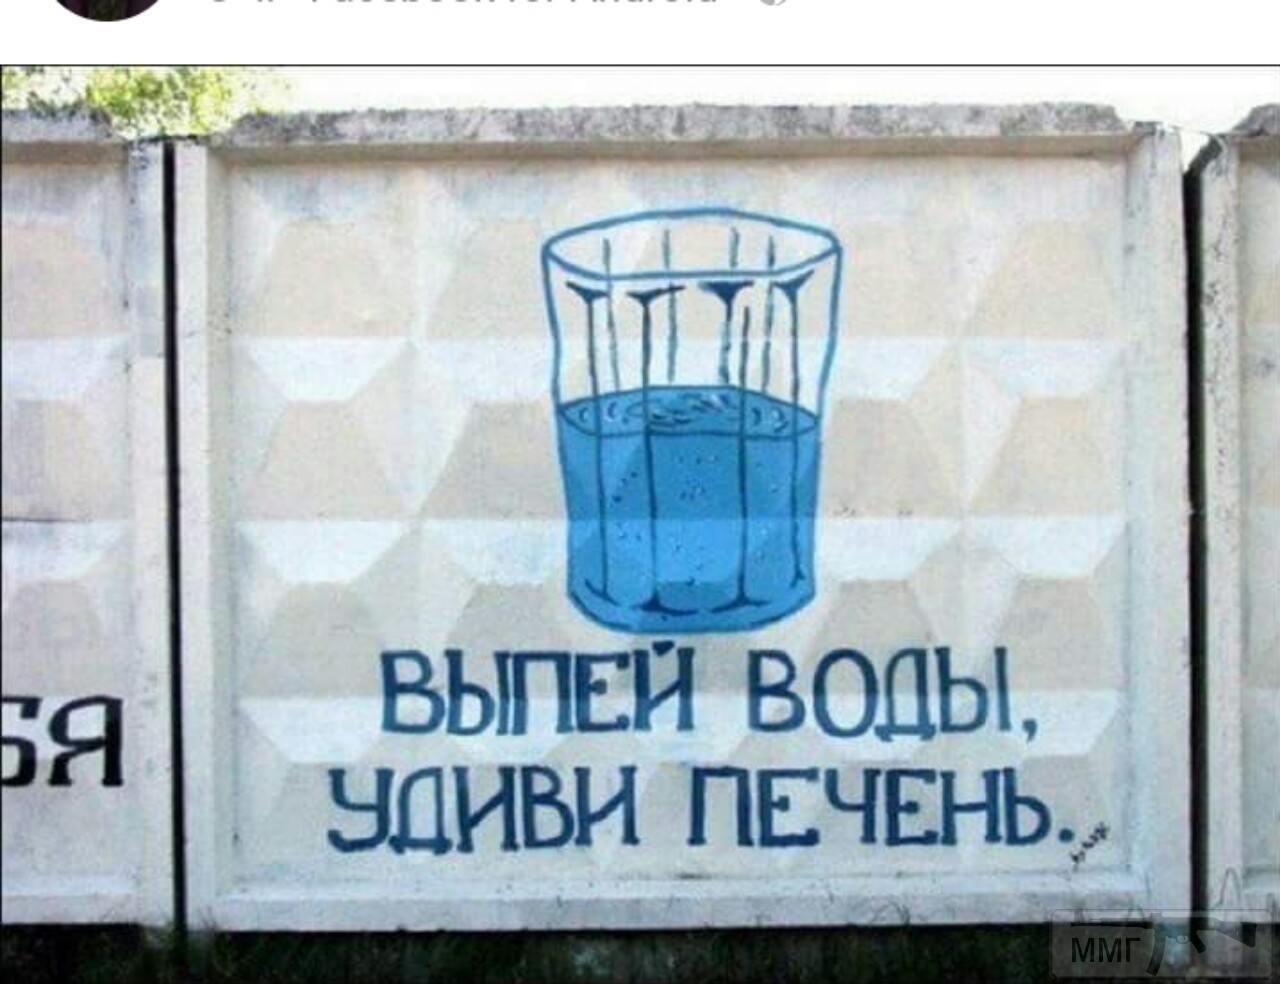 44894 - Пить или не пить? - пятничная алкогольная тема )))